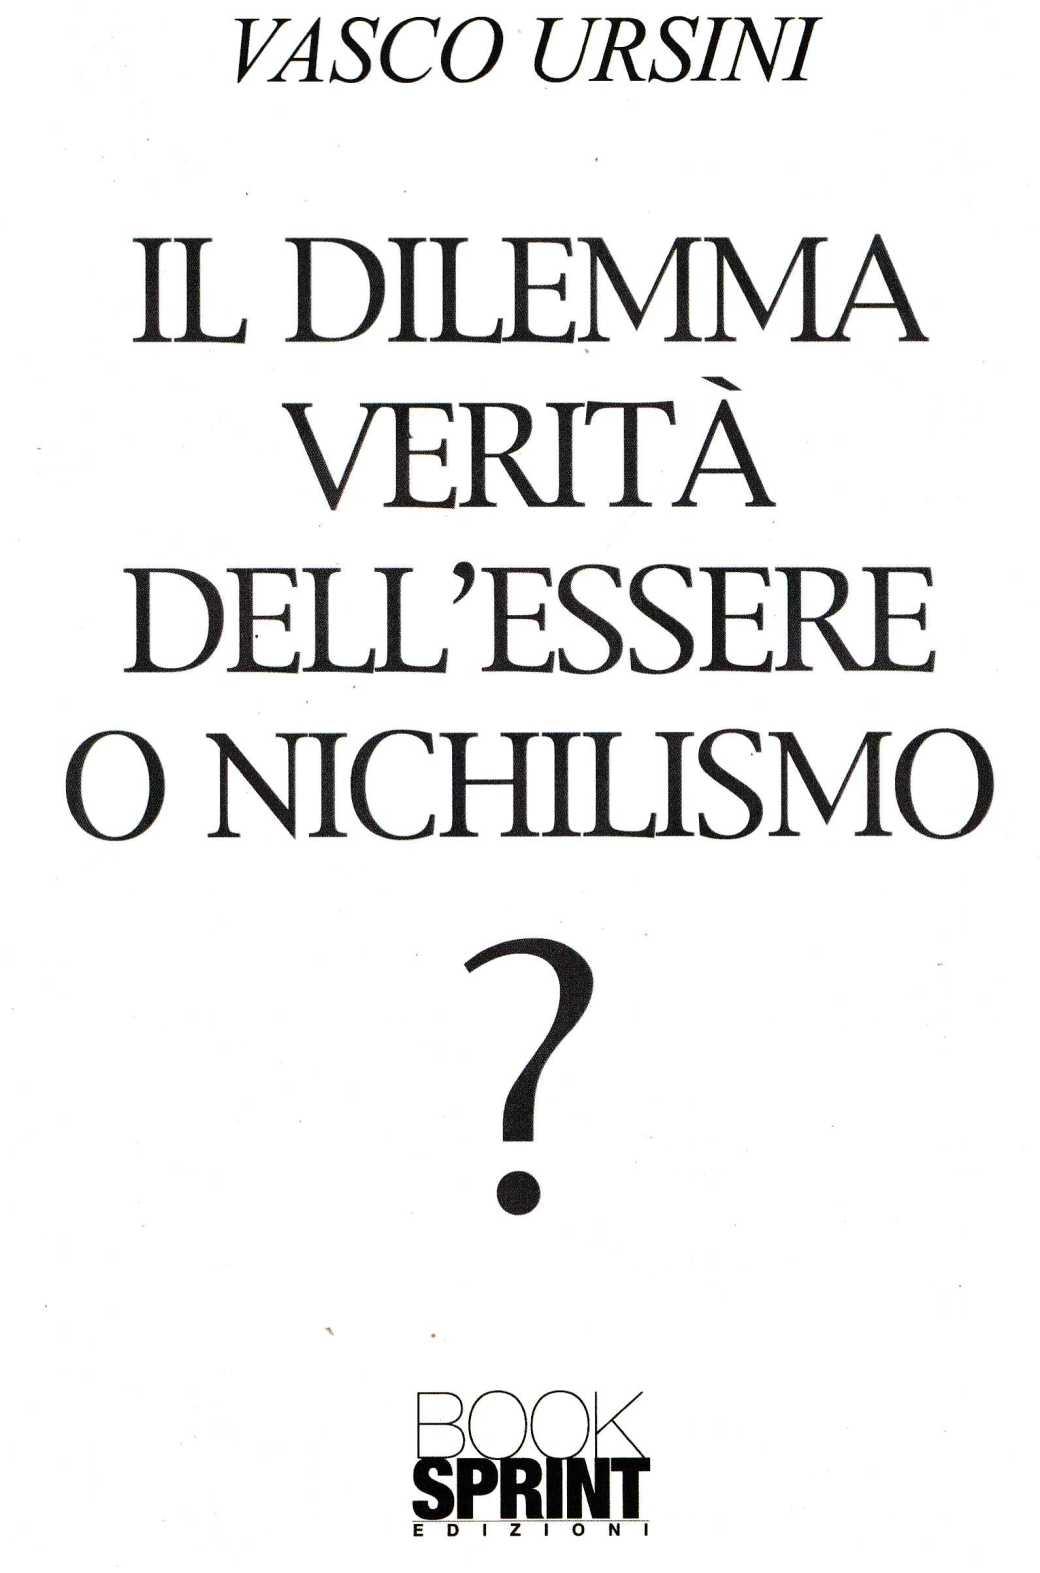 vascoursini4371